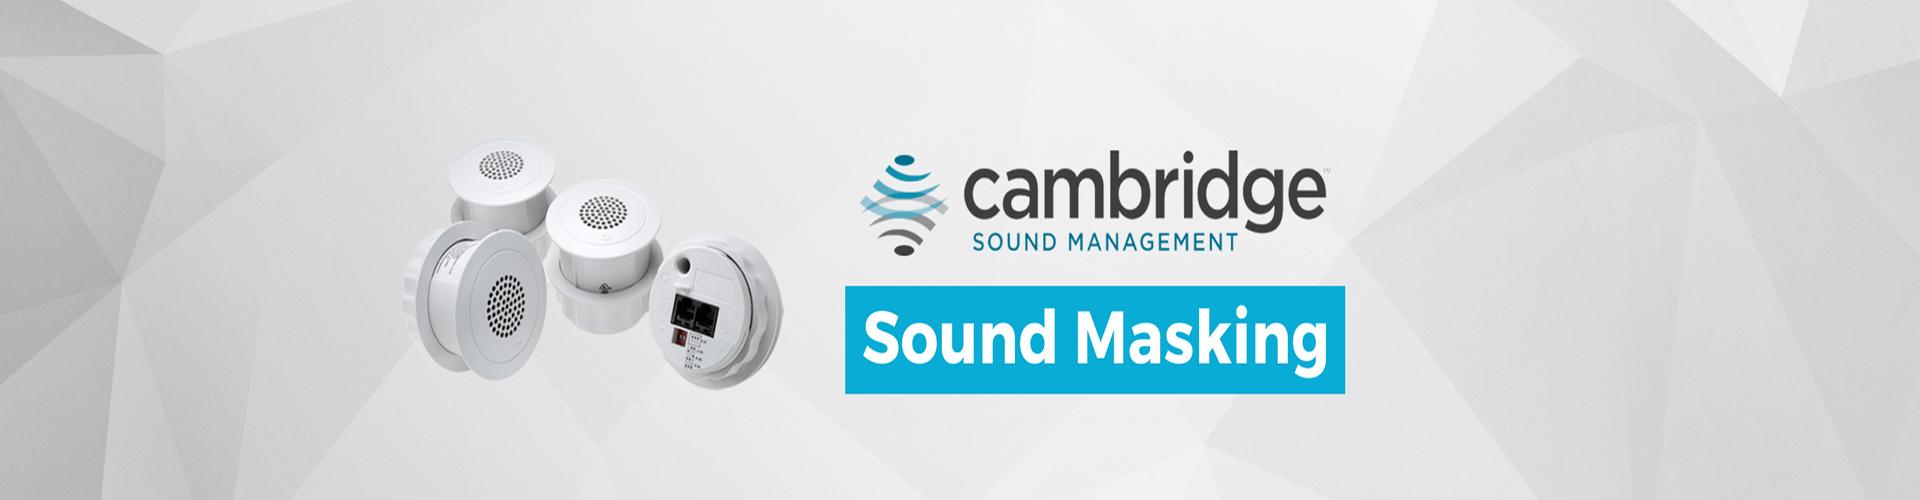 Cambridge-sound-masking-1